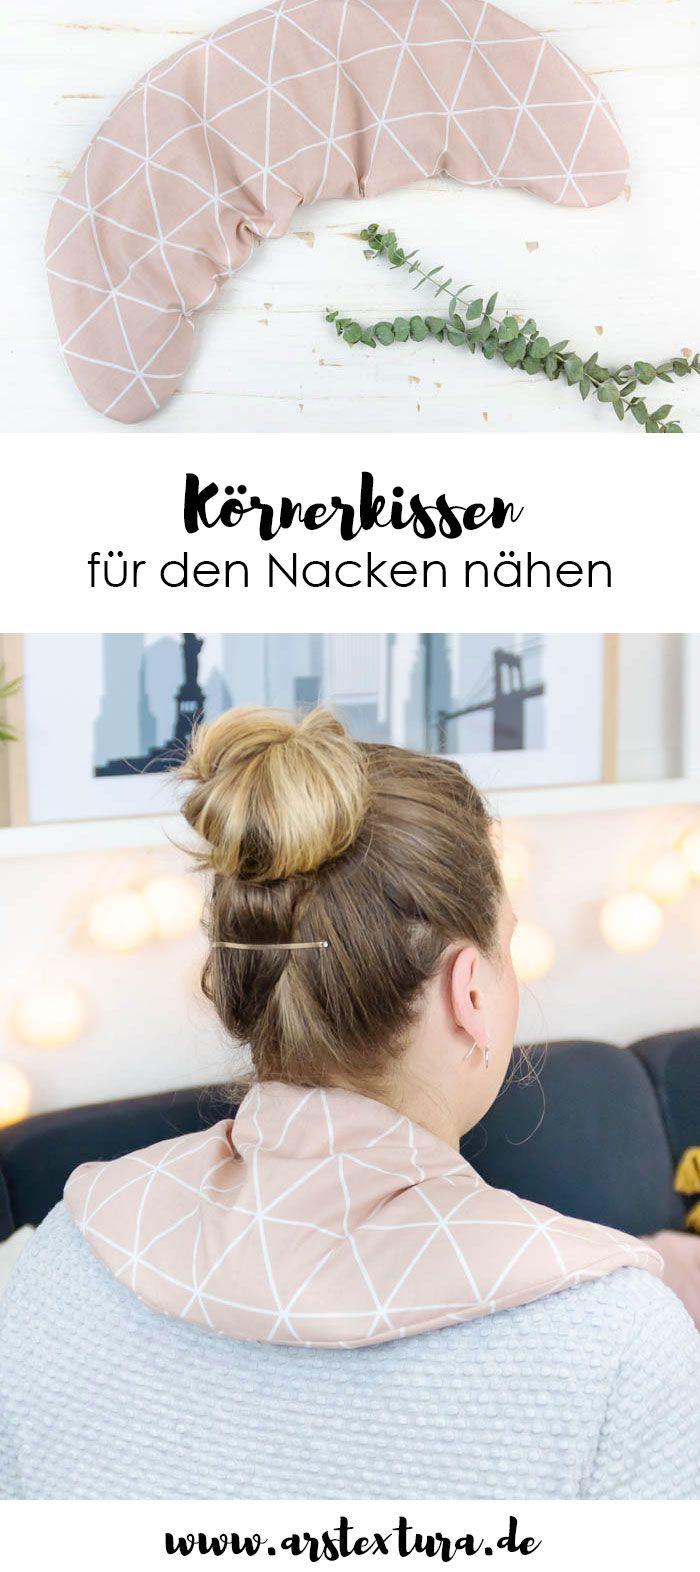 Körnerkissen für den Nacken nähen | ars textura – DIY-Blog #strickenundnähen